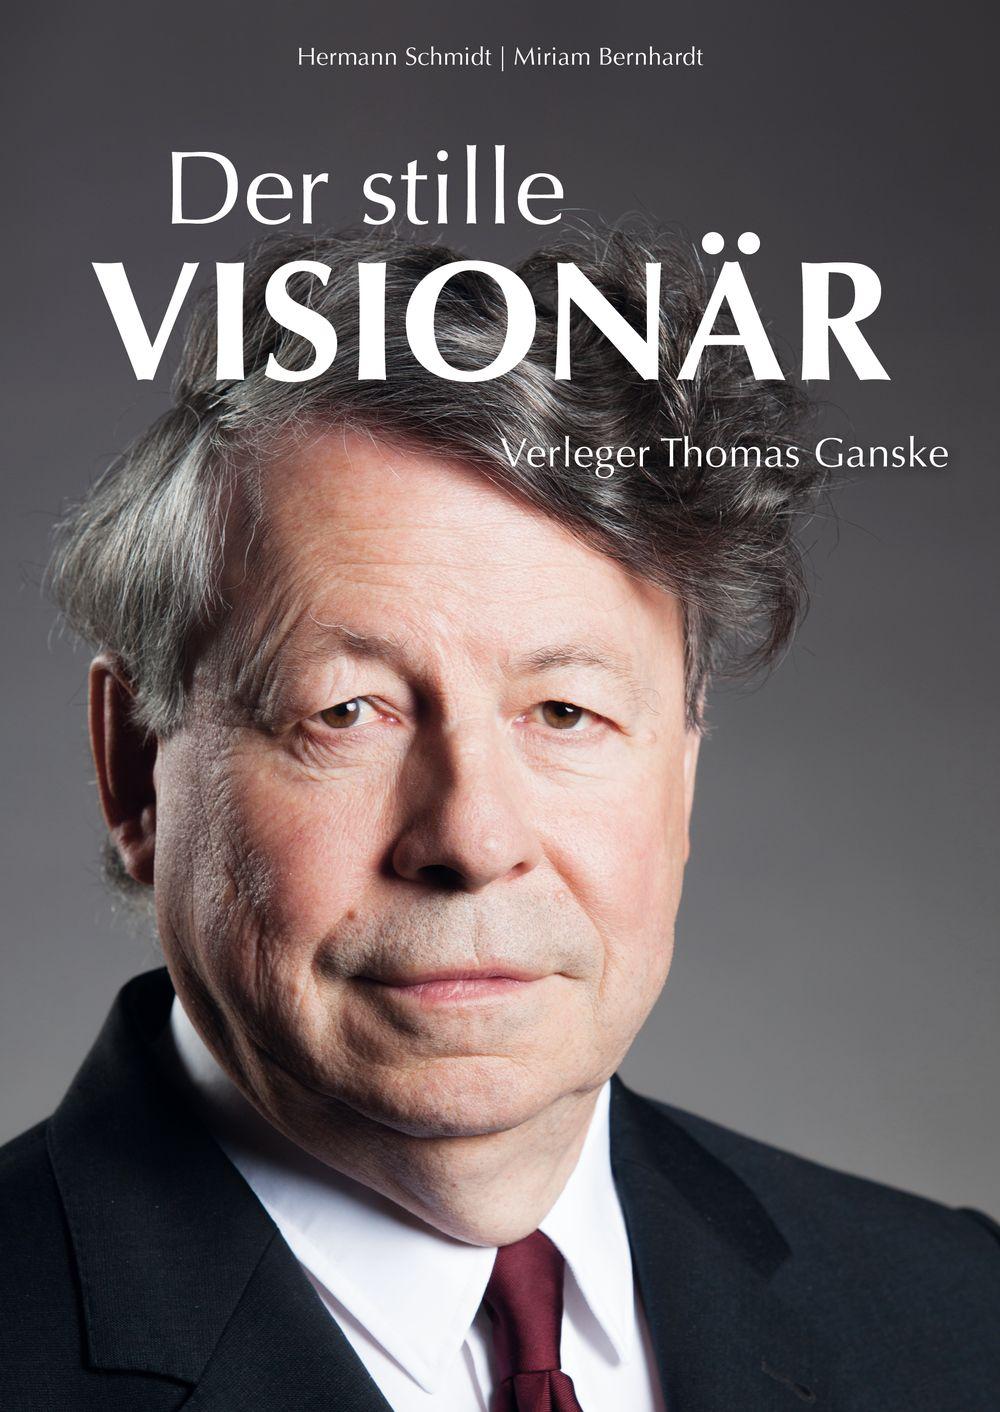 Hermann Schmidt, Miriam Bernhardt: Der stille Visionär – Verleger Thomas Ganske New Business Verlag (2018), 348 Seiten, vierfarbig, 30 Abbildungen Hardcover mit Schutzumschlag, 38,00 Euro, ISBN: 978-3-936182-62-0